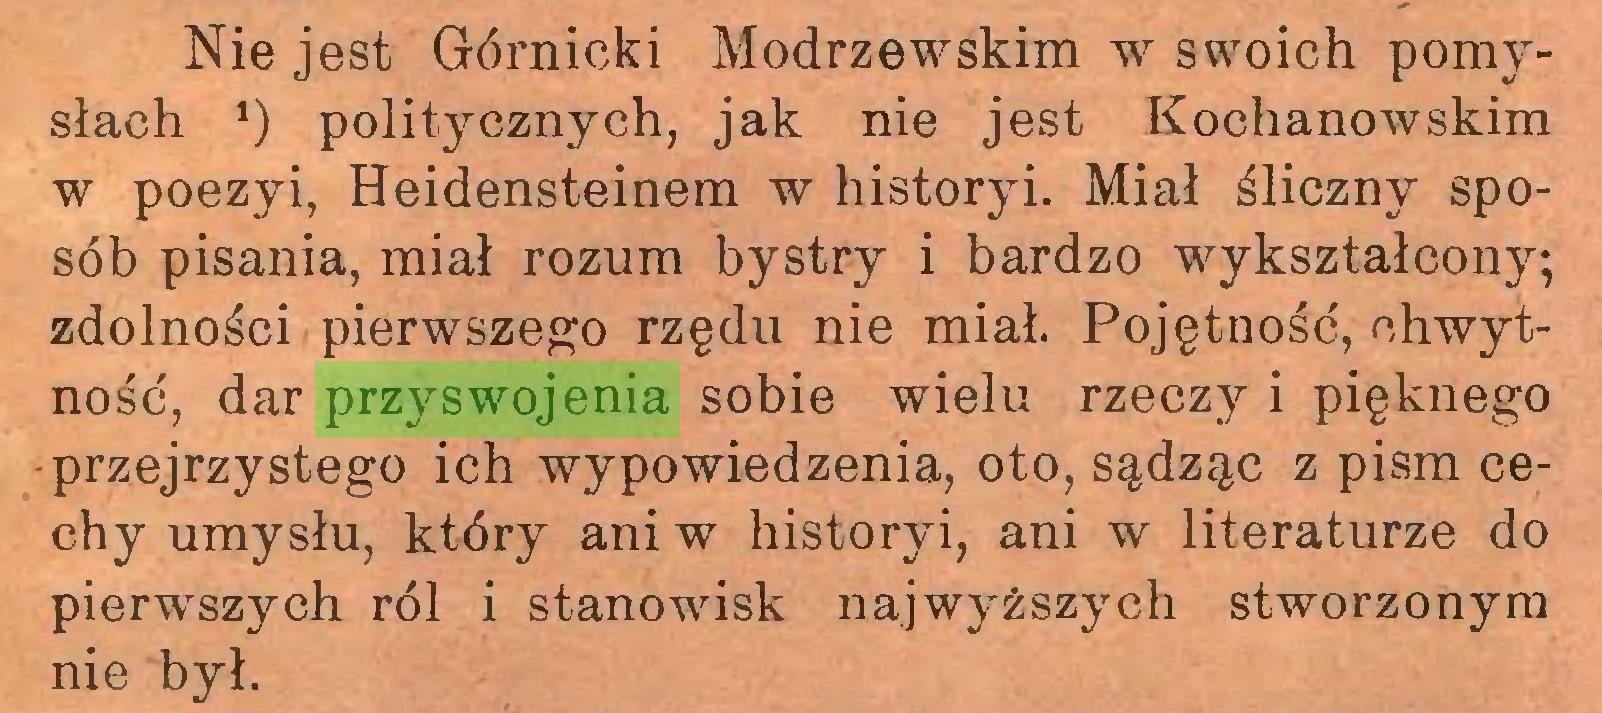 (...) Nie jest Górnicki Modrzewskim w swoich pomysłach *) politycznych, jak nie jest Kochanowskim w poezyi, Heidensteinem w historyi. Miał śliczny sposób pisania, miał rozum bystry i bardzo wykształcony; zdolności pierwszego rzędu nie miał. Pojętność, chwytność, dar przyswojenia sobie wielu rzeczy i pięknego przejrzystego ich wypowiedzenia, oto, sądząc z pism cechy umysłu, który ani w historyi, ani w literaturze do pierwszych ról i stanowisk najwyższych stworzonym nie był...